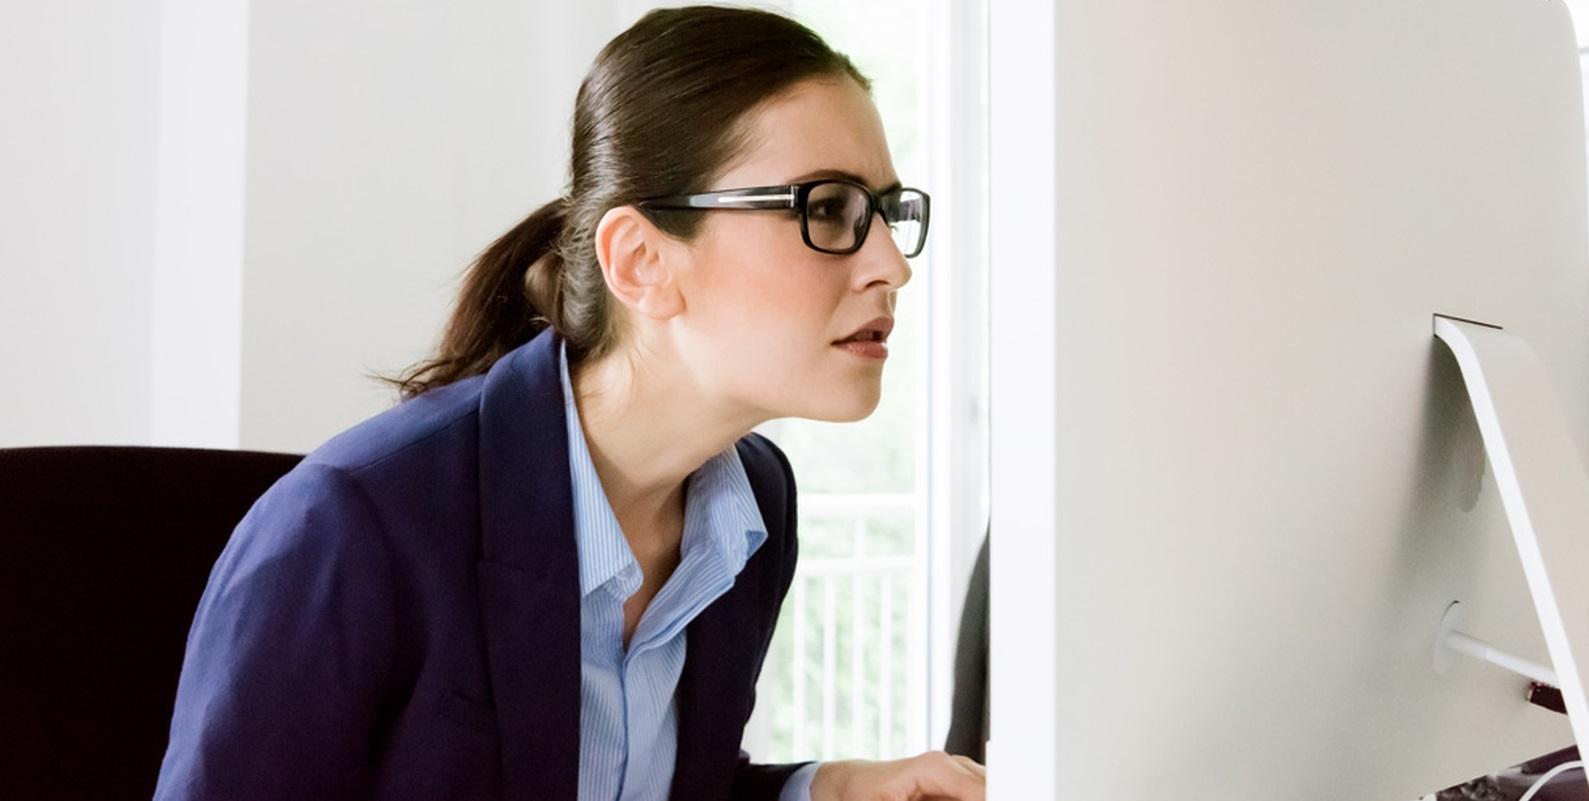 femme concentrée écran